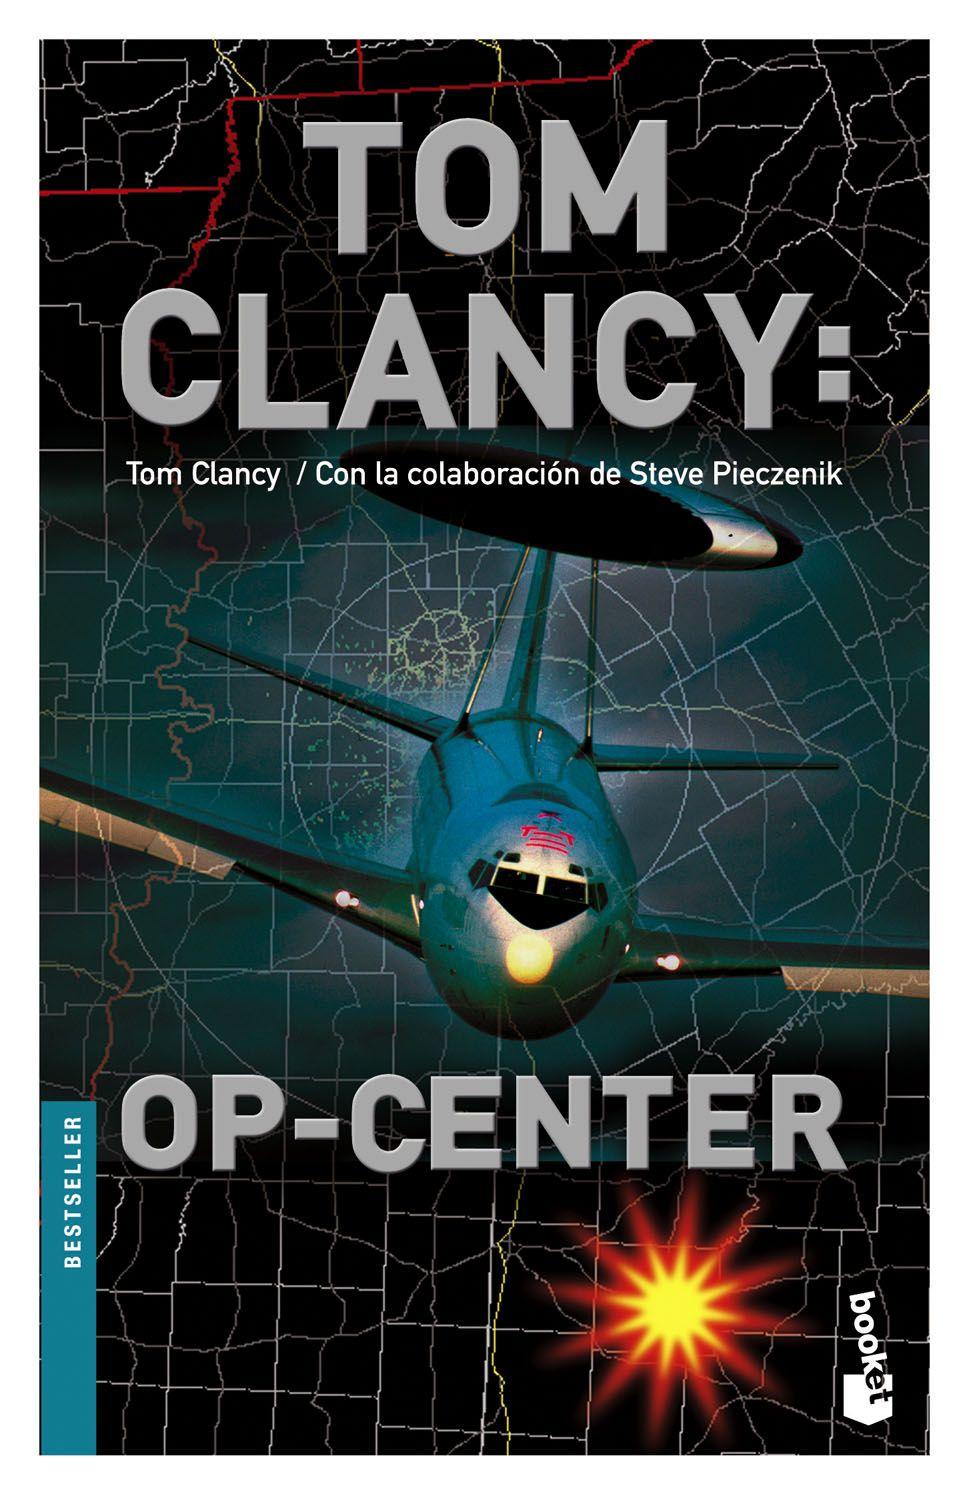 Tom Clancy: Op-center por Tom Clancy;                                                                                    Steve Pieczenik epub